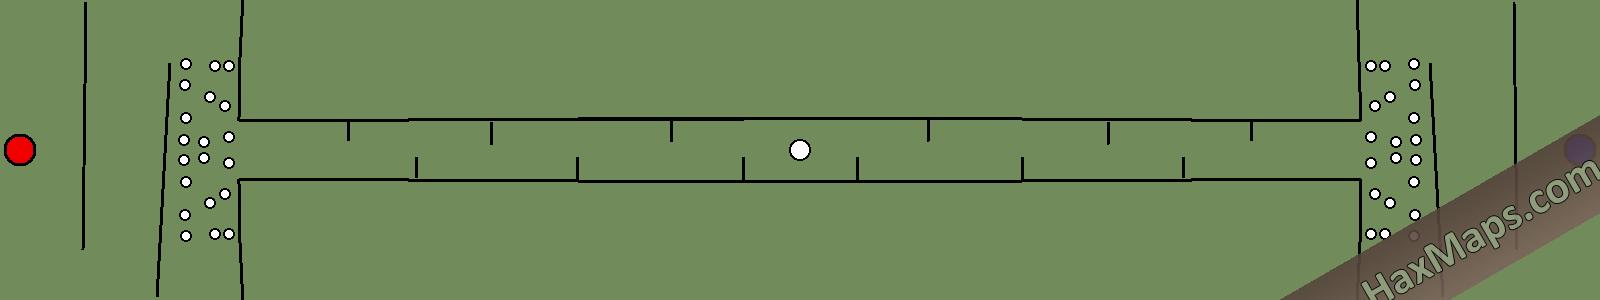 hax ball maps | hssurvıvor1